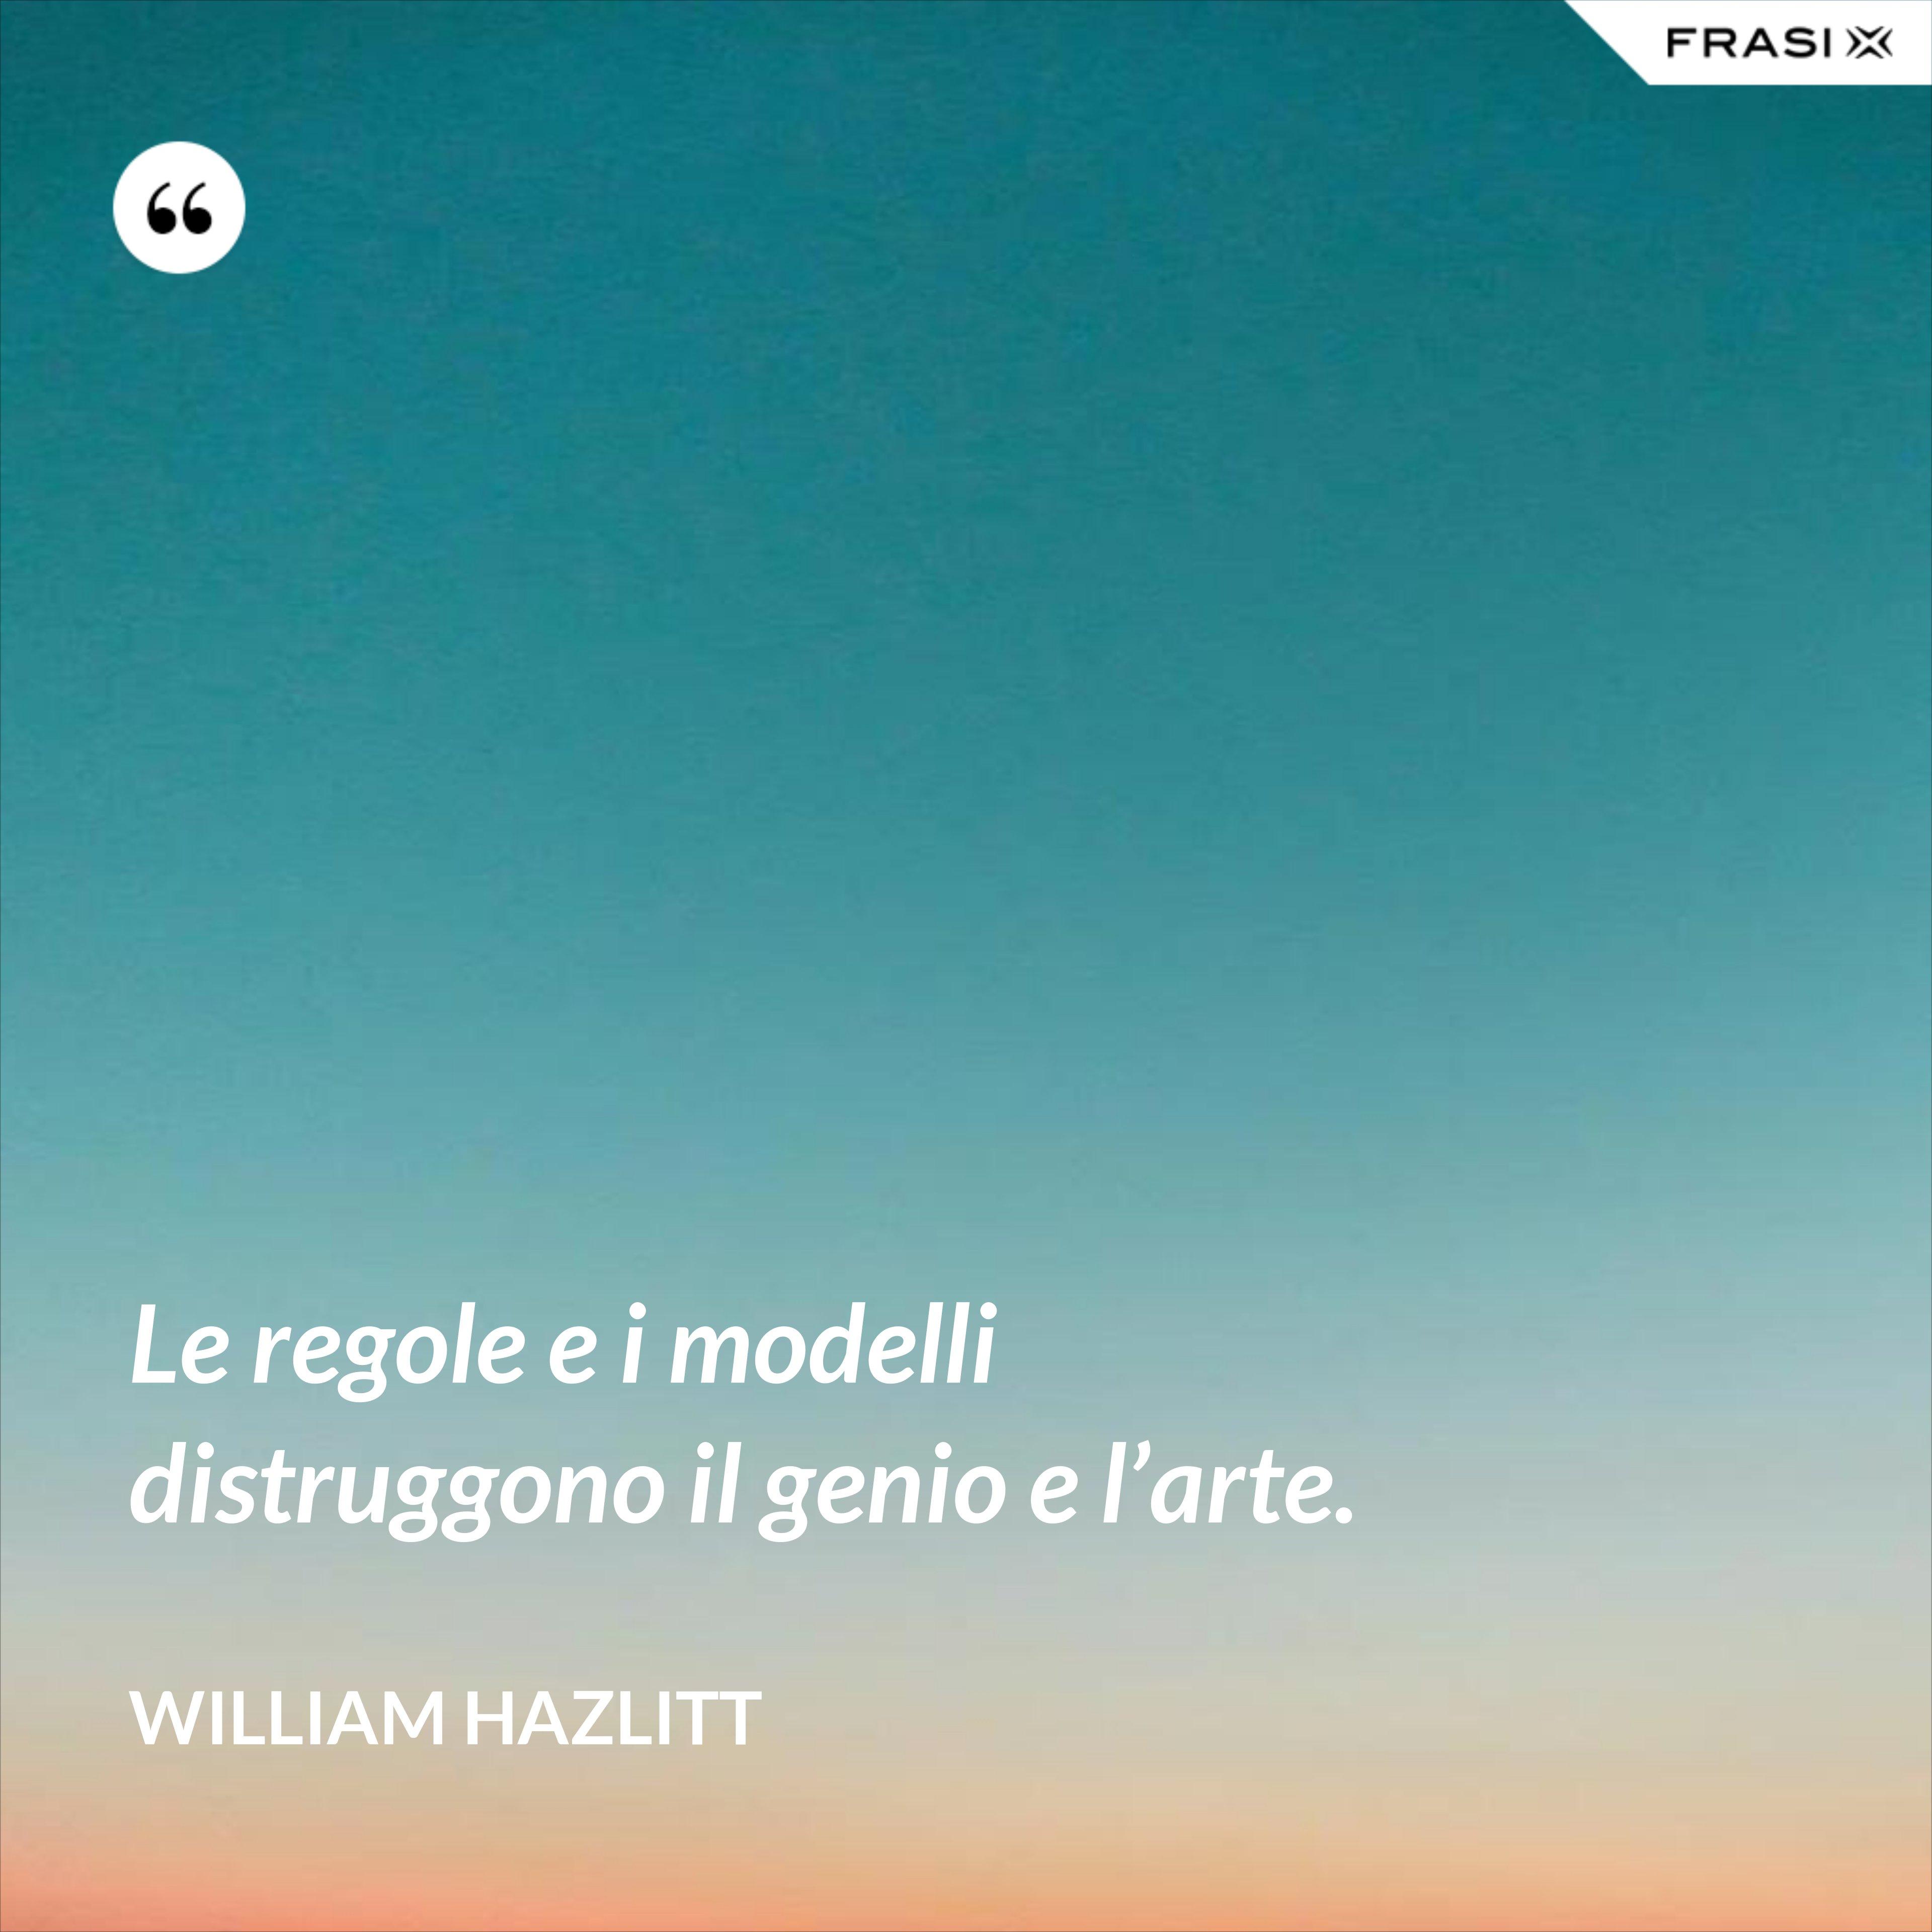 Le regole e i modelli distruggono il genio e l'arte. - William Hazlitt